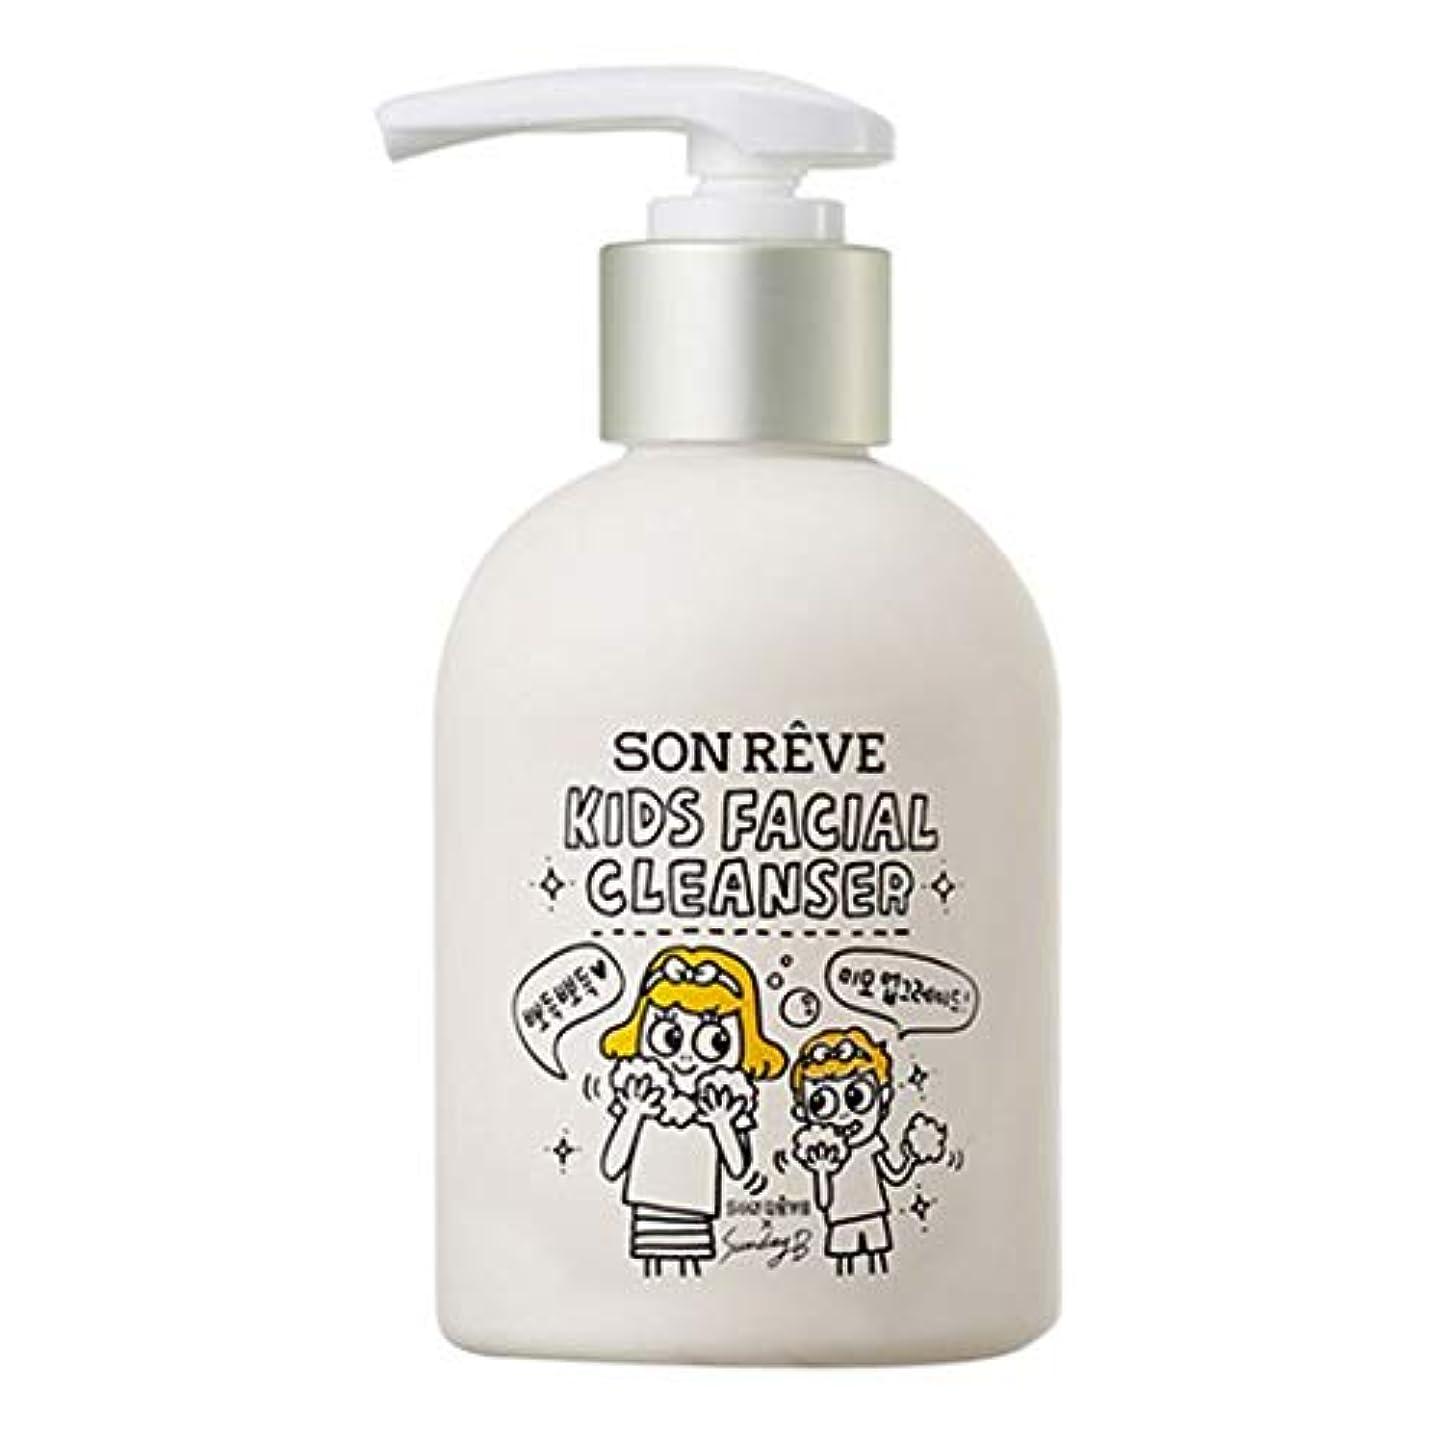 オデュッセウス化合物サージ[SON REVE]KIDS Facial Cleanserの子どもの洗顔200ml甘いキャンディー 香りポンプ型[海外直輸入]